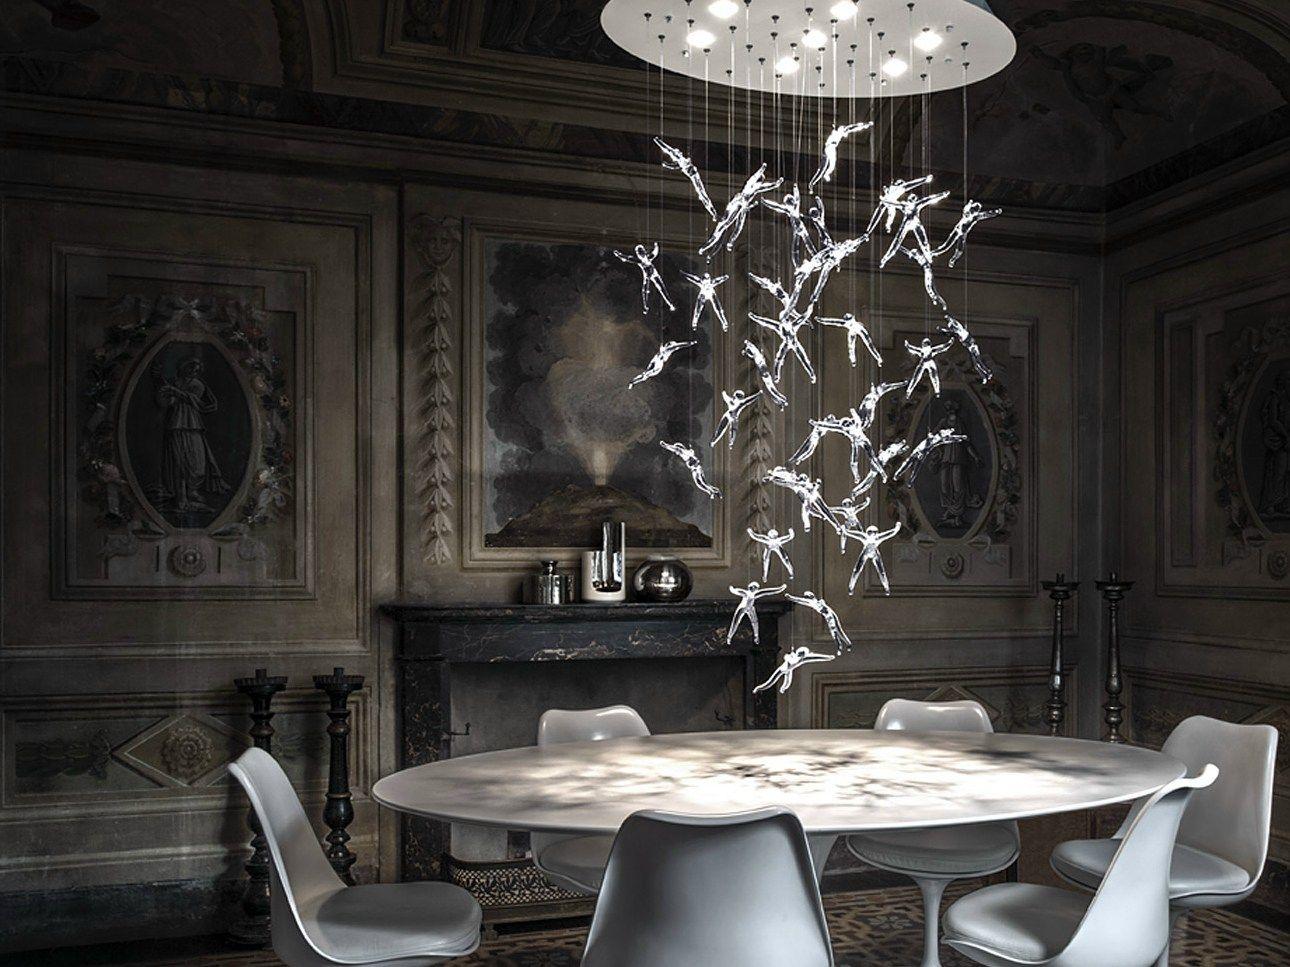 lustre halog ne en cristal angel falls by terzani design nigel coates. Black Bedroom Furniture Sets. Home Design Ideas